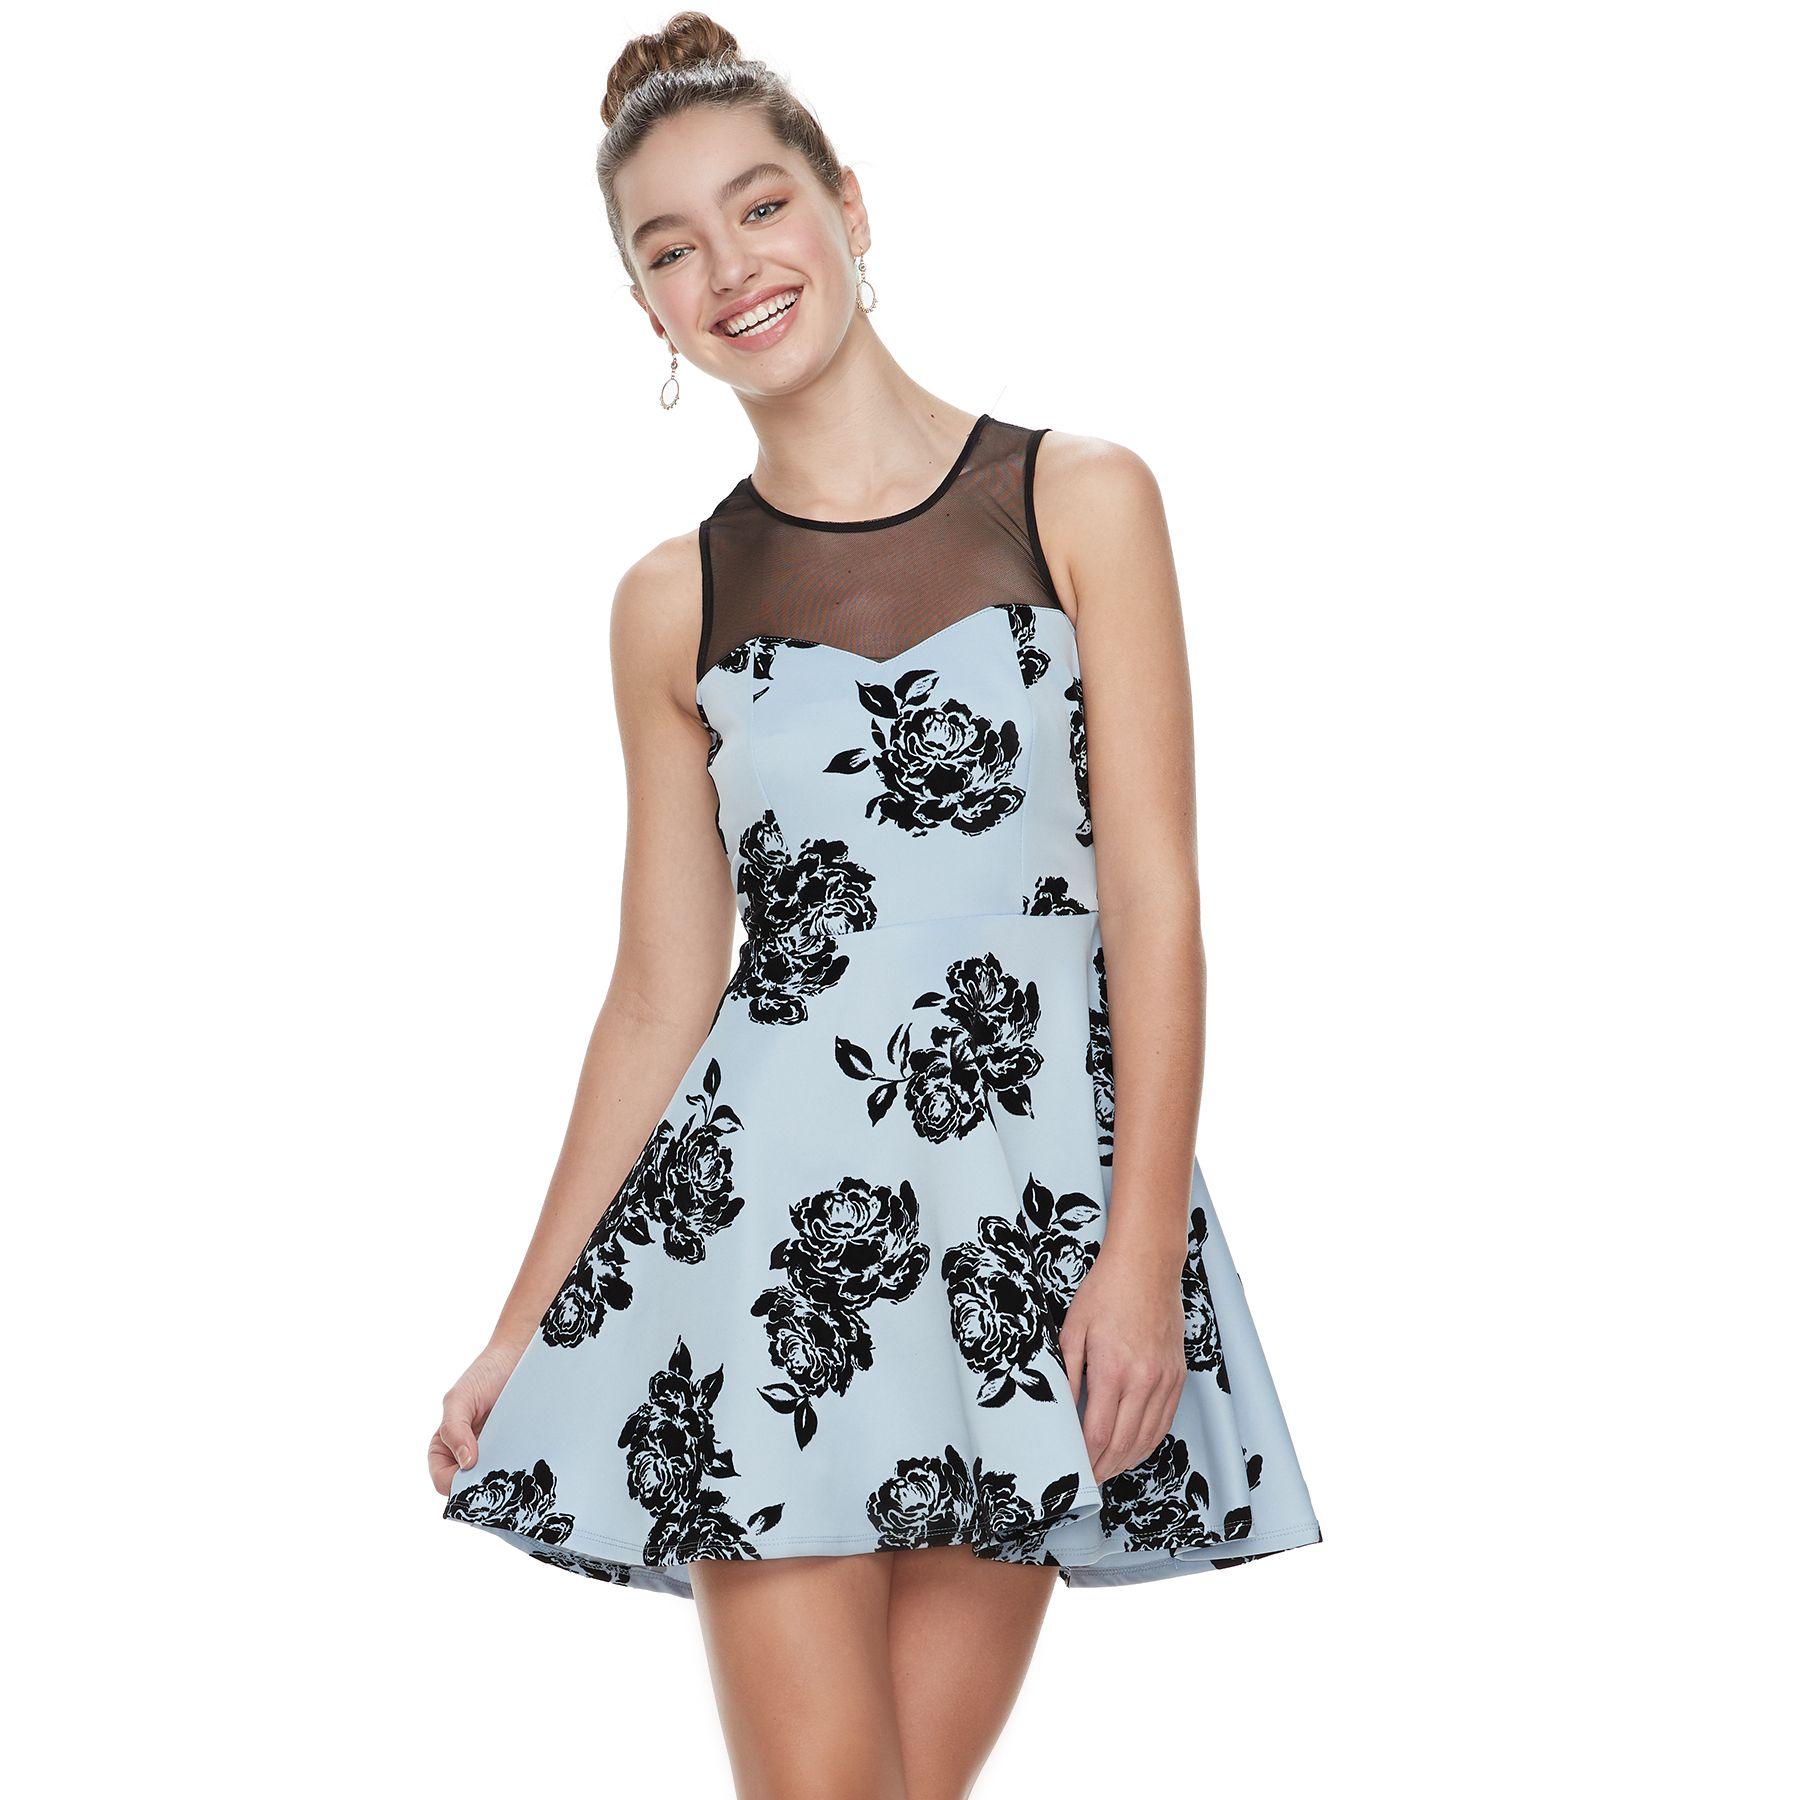 Scuba Skater Dress